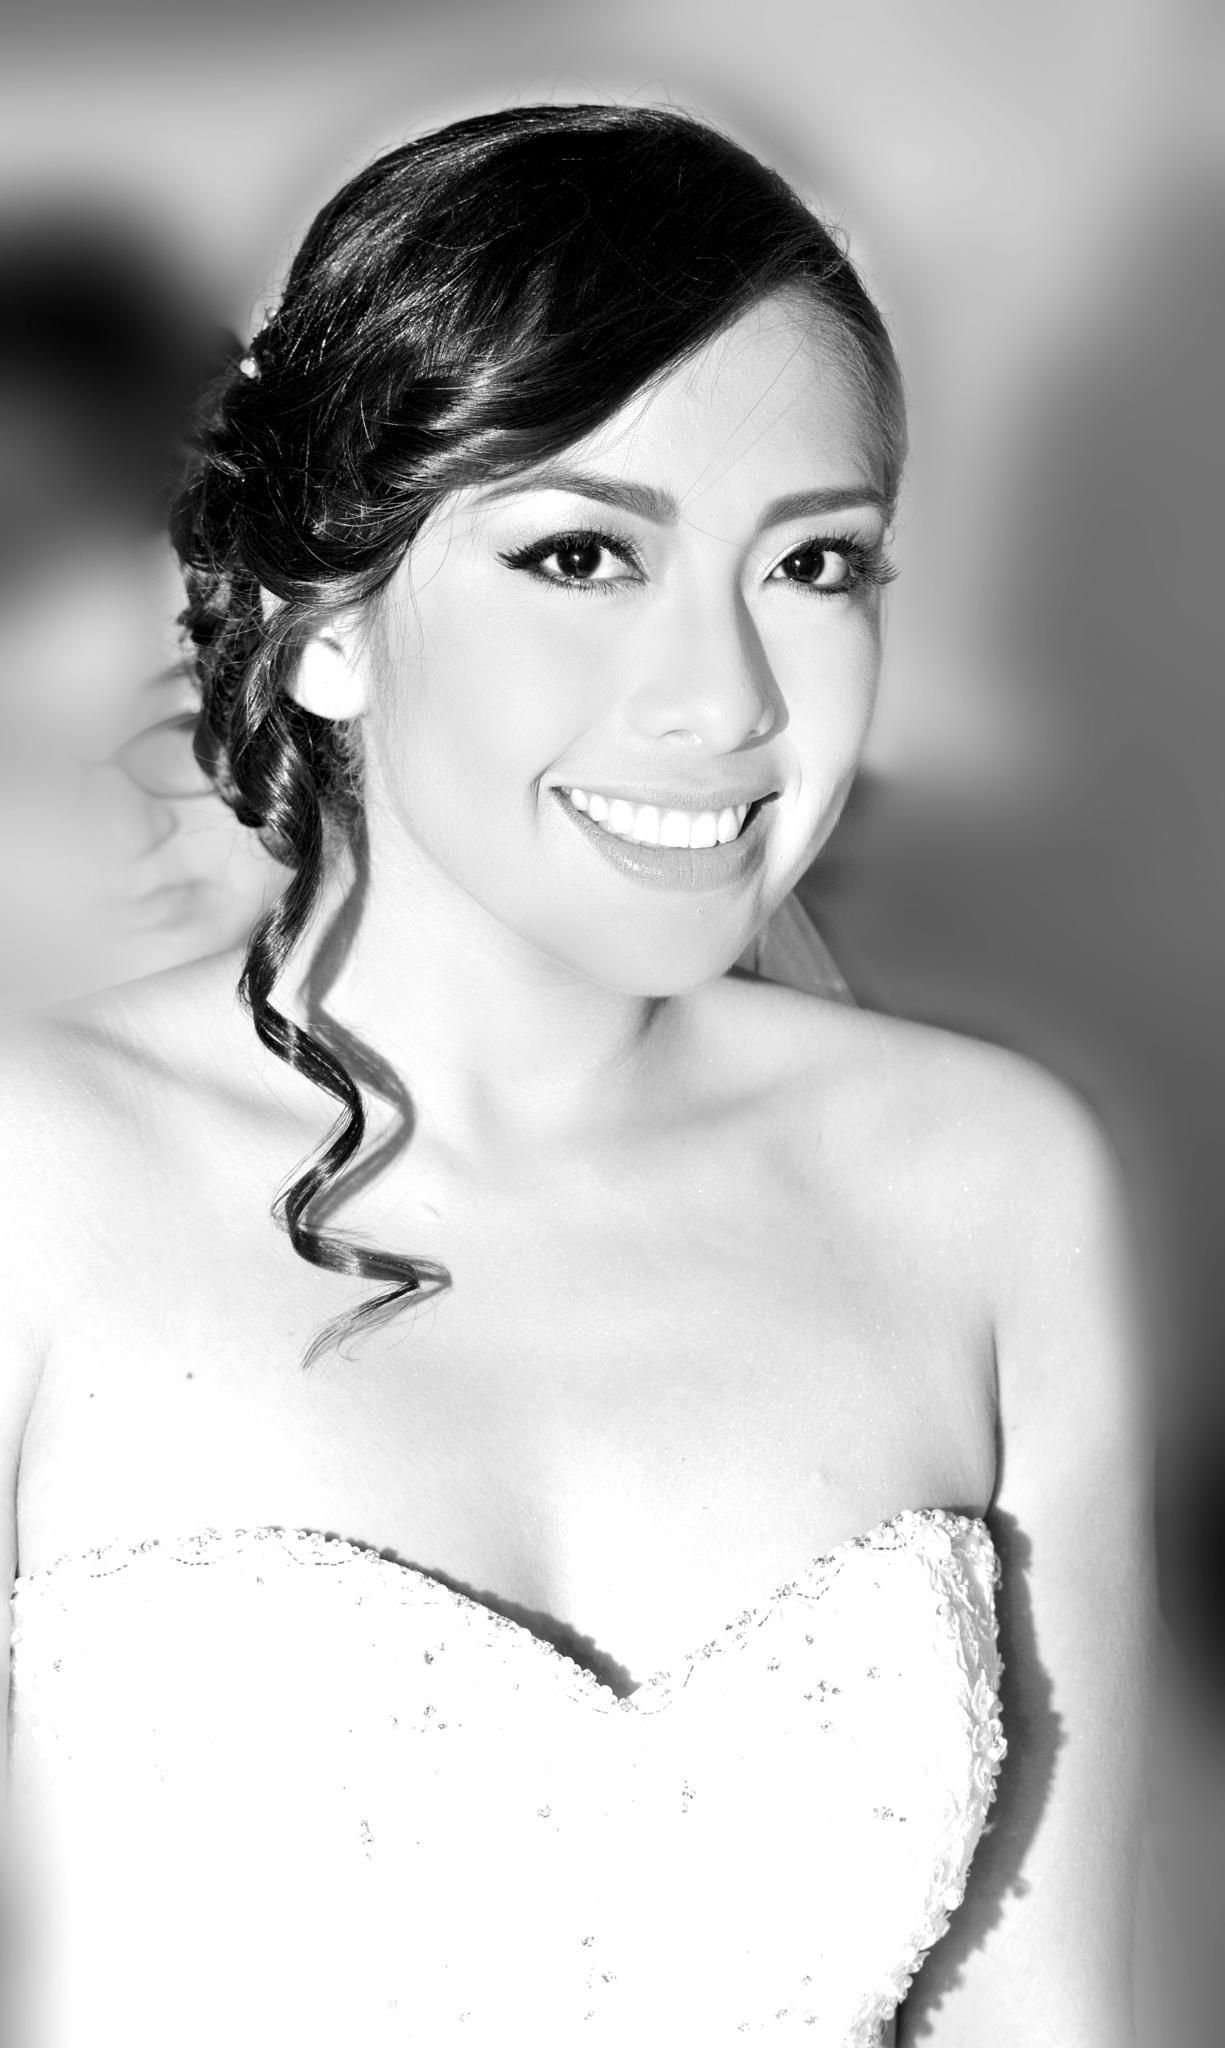 BNWedd by Ady Bautista Fotografía